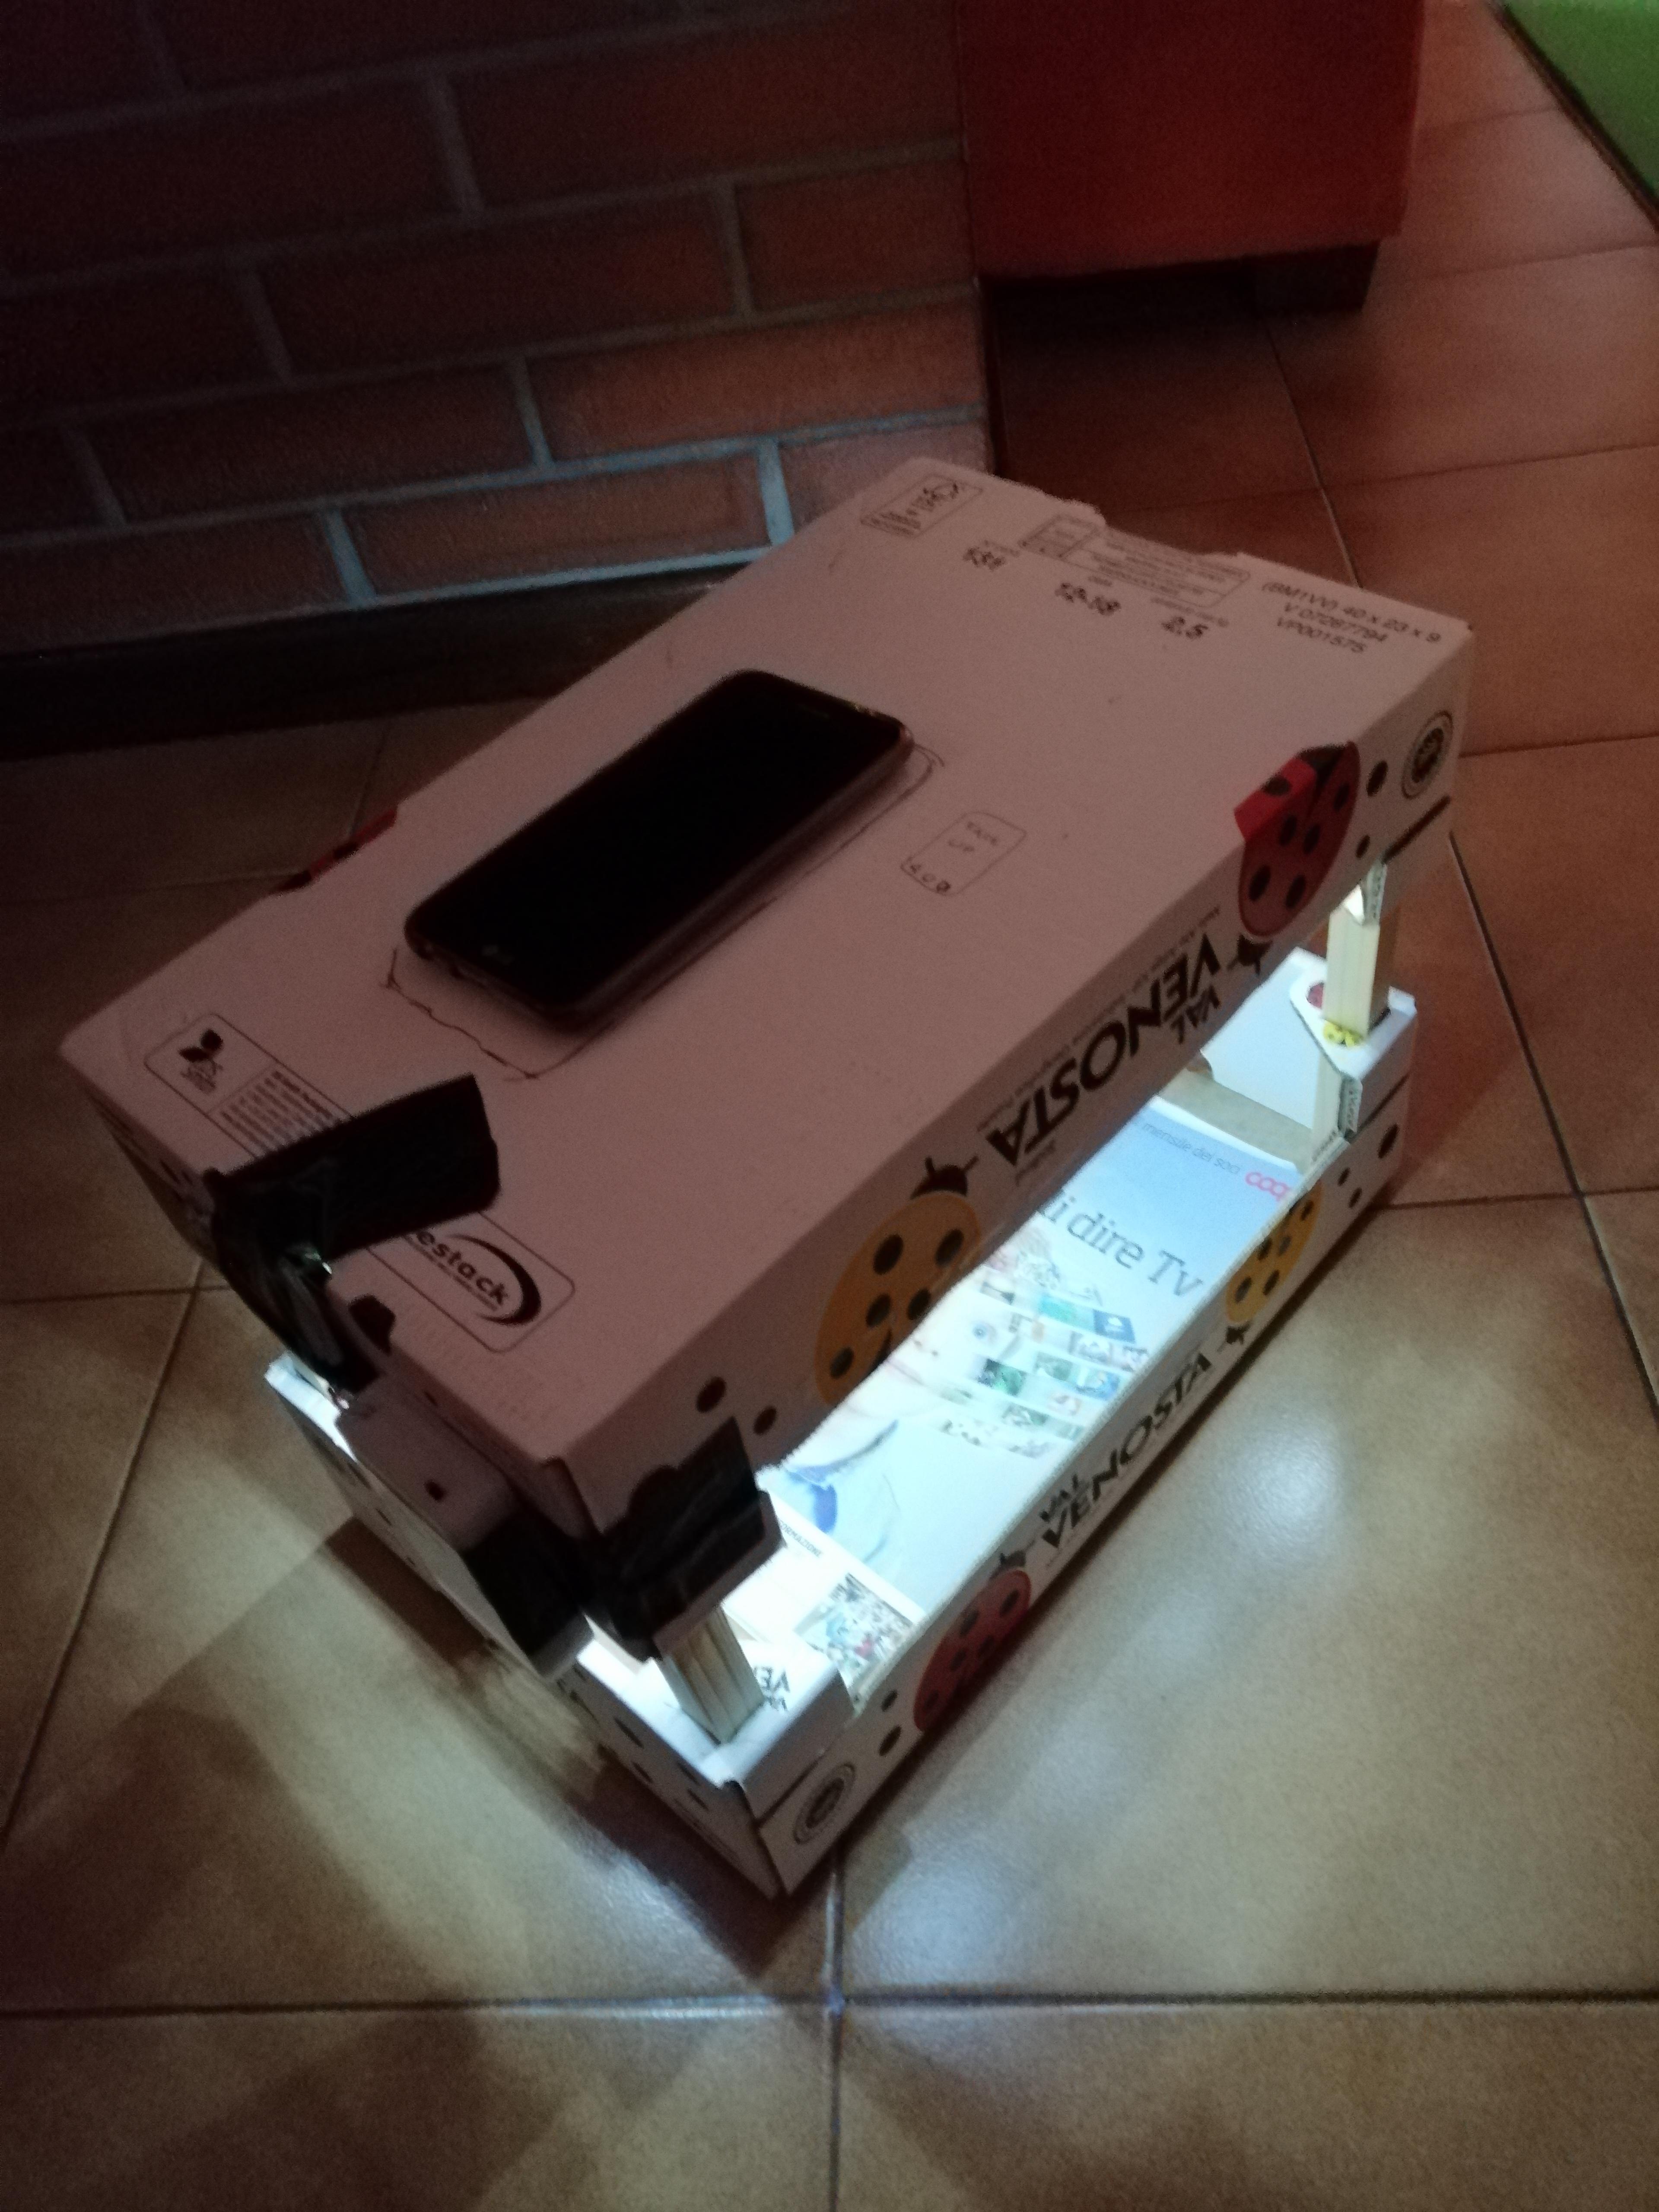 Cognac Box Large Format Scanner